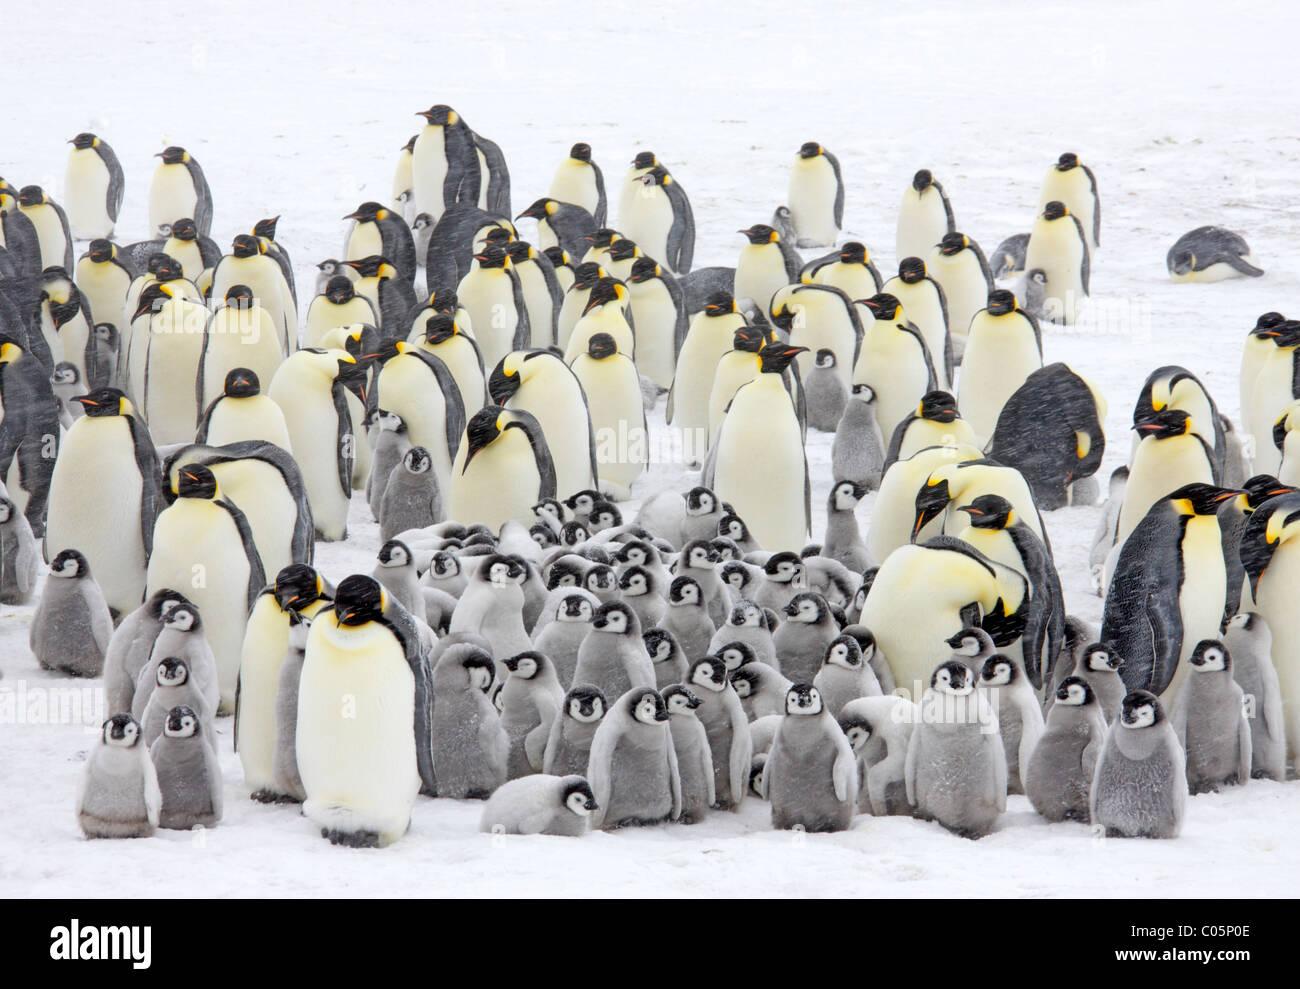 emperor-penguin-colony-in-a-snow-storm-o